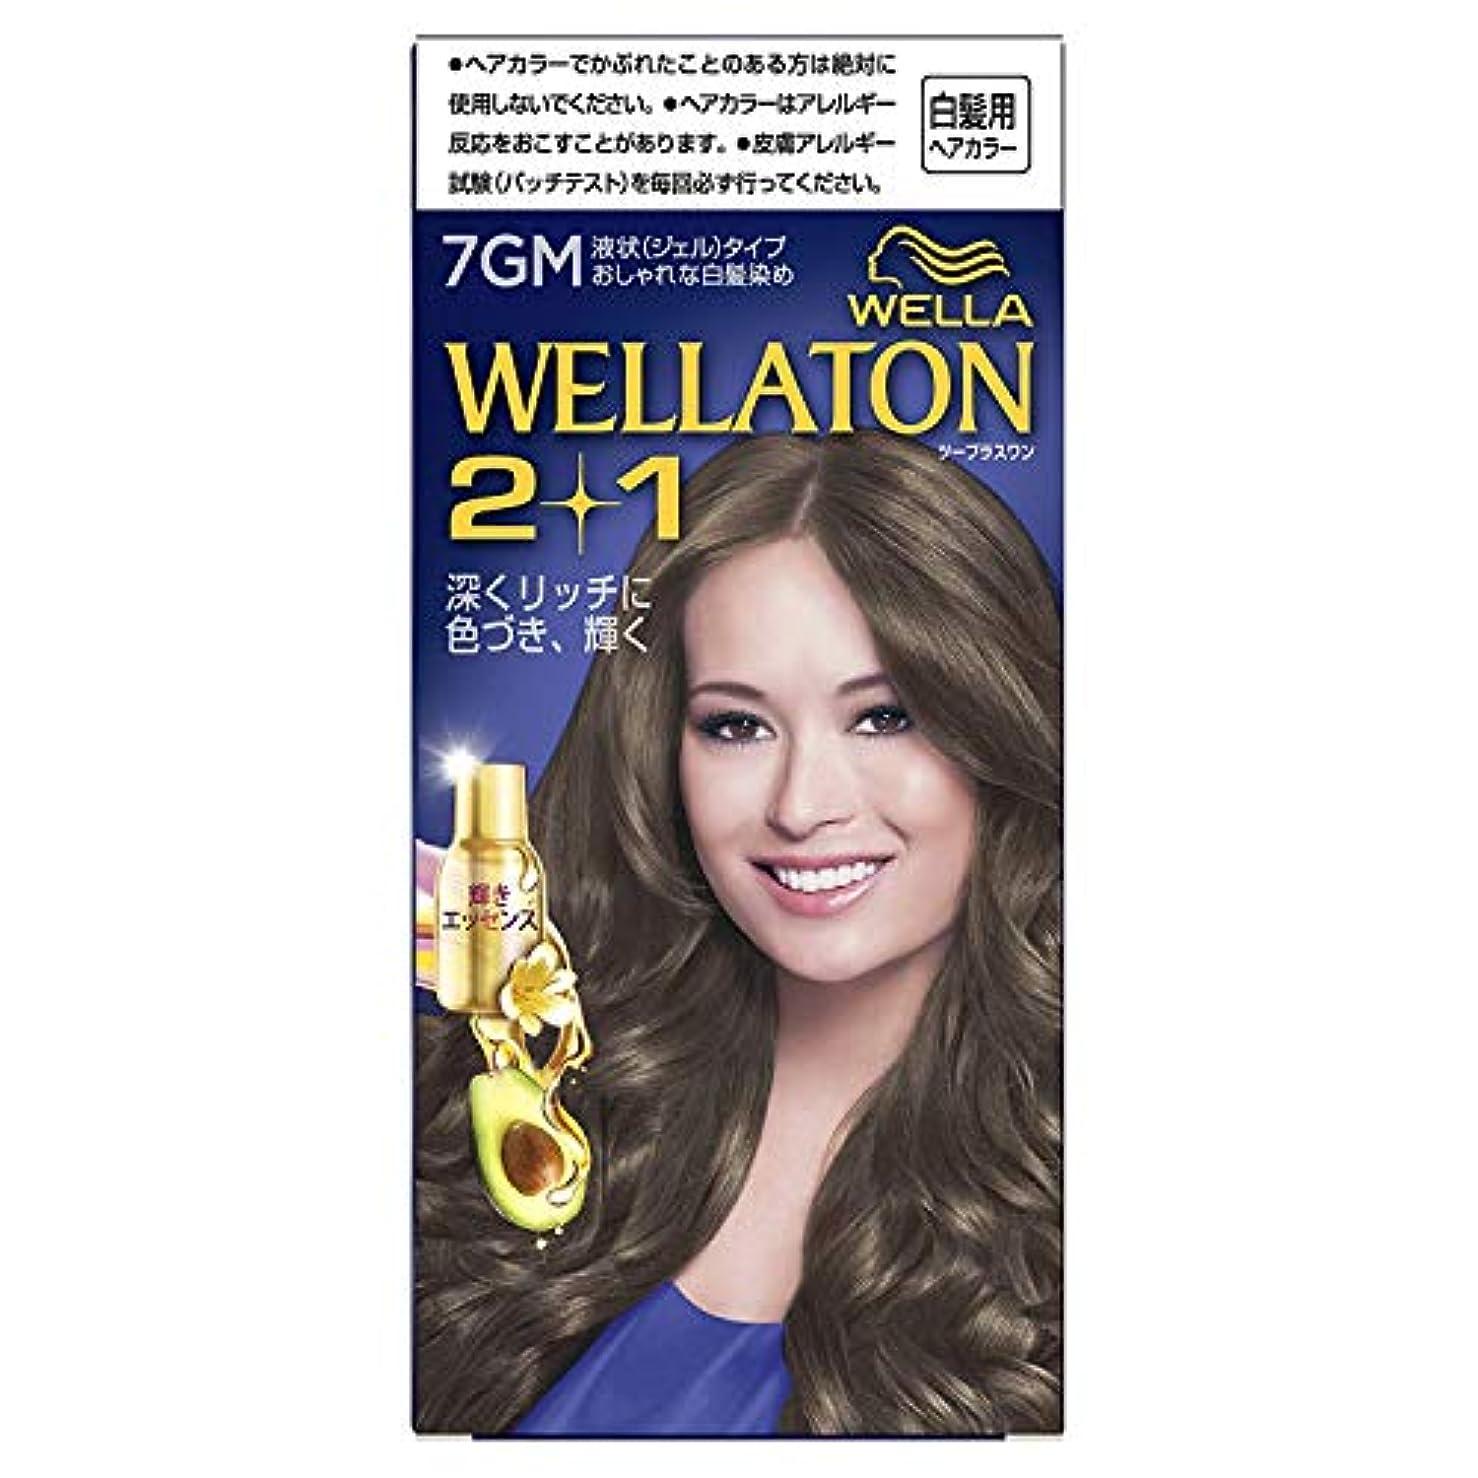 飛躍沼地副産物ウエラトーン2+1 液状タイプ 7GM [医薬部外品] ×6個